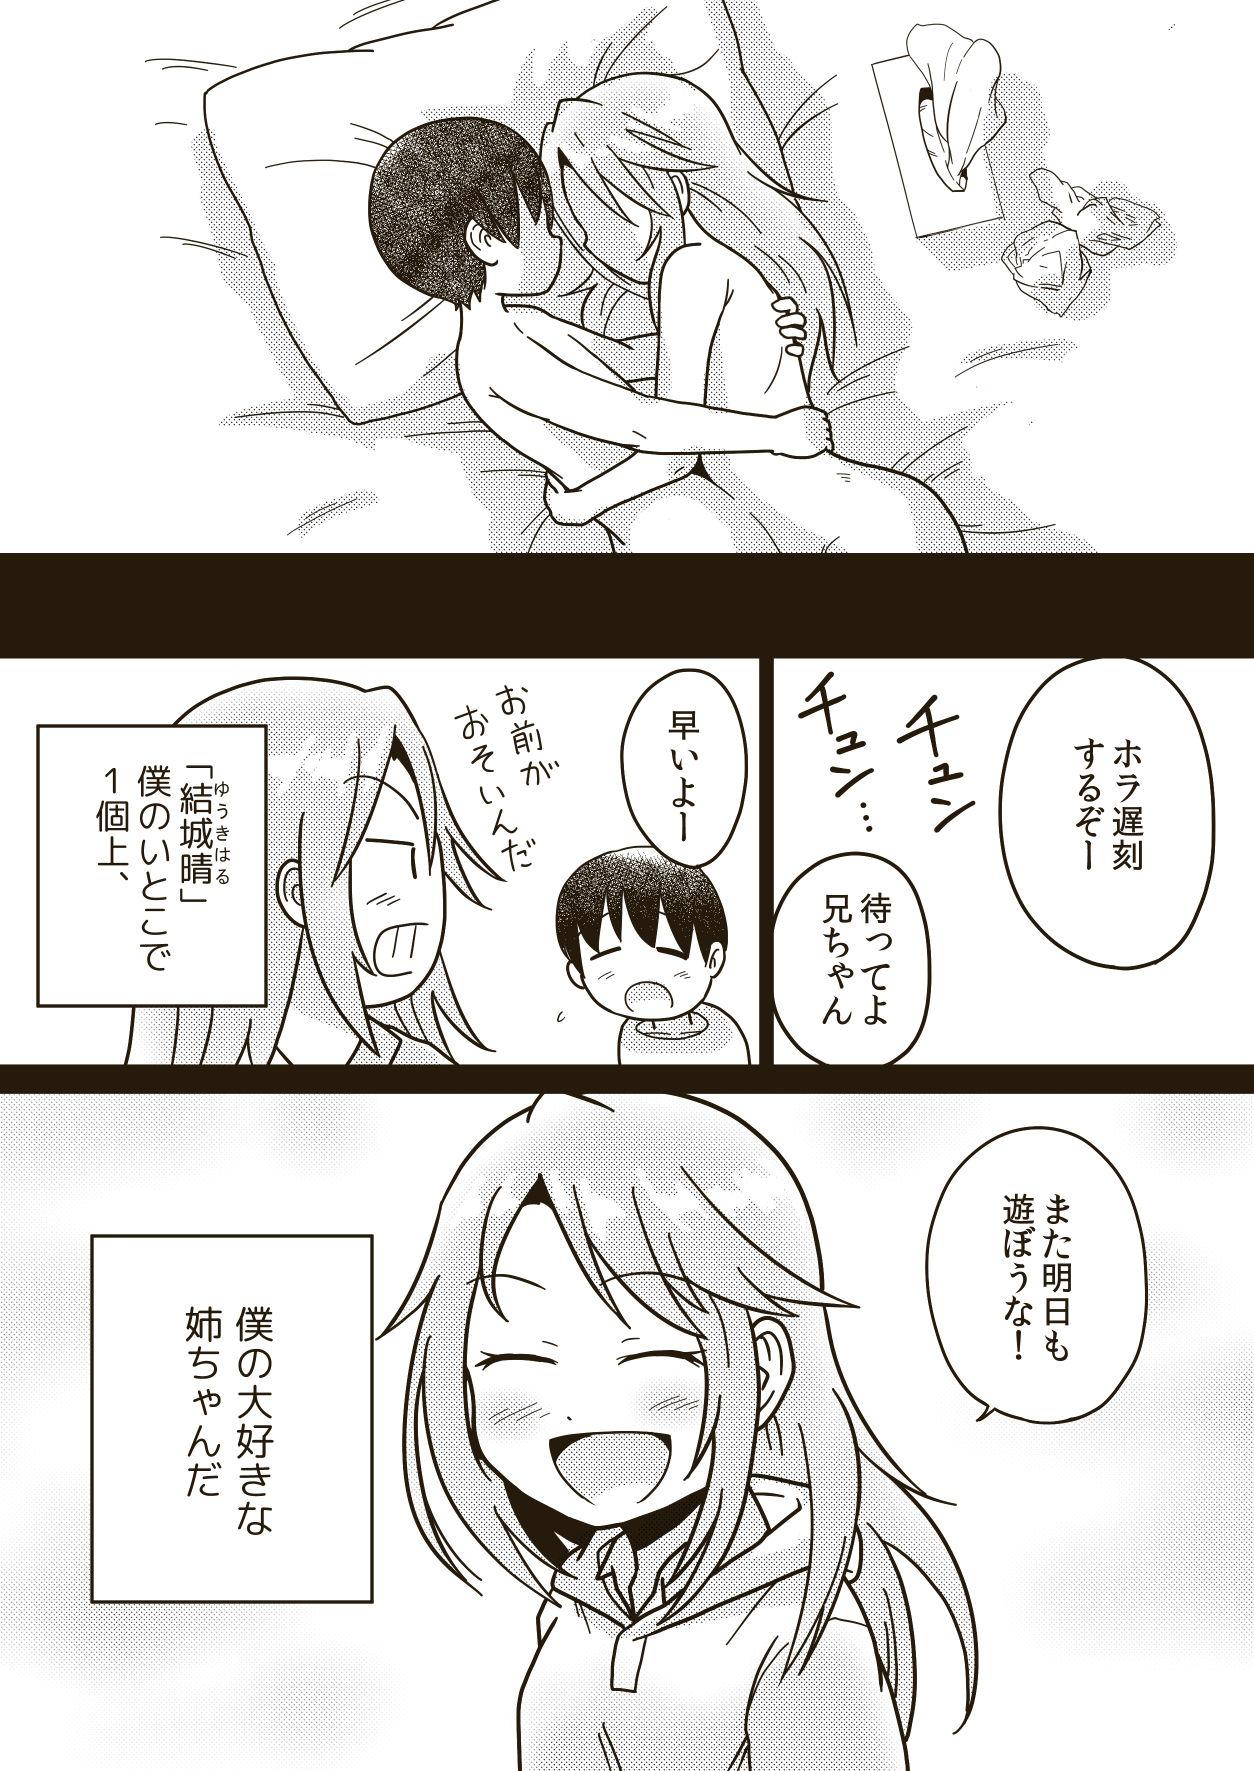 Boku no Onee-chan 16